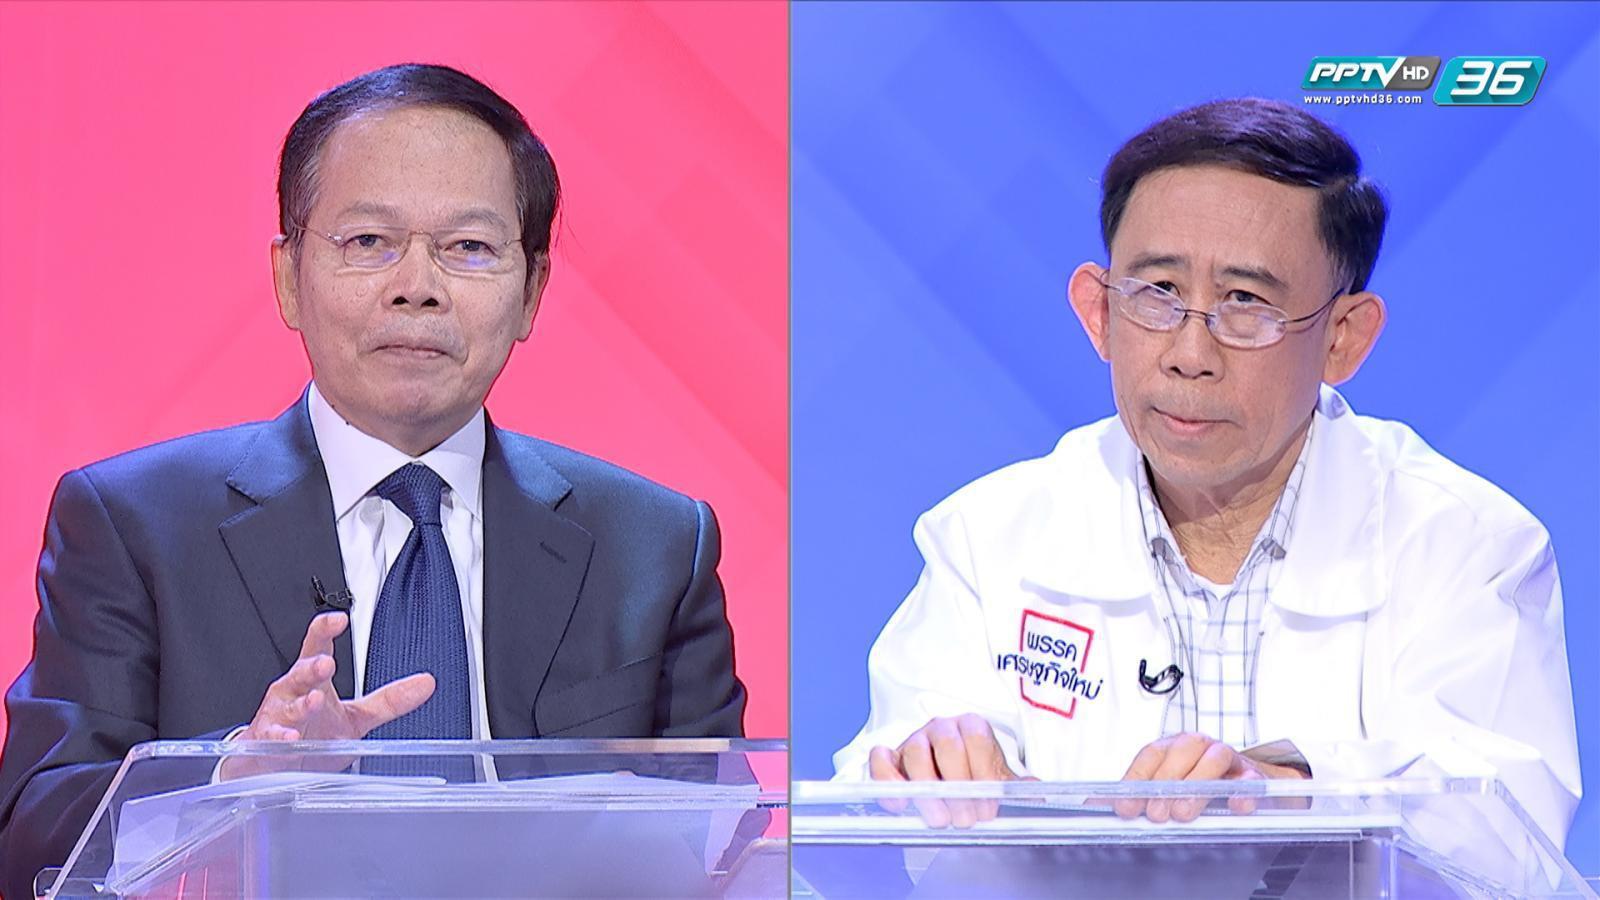 """""""พรรคเพื่อไทย""""ชู นโยบายพักหนี้เกษตรกร 3 ปี แก้ปัญหาหนี้ชาวนา"""